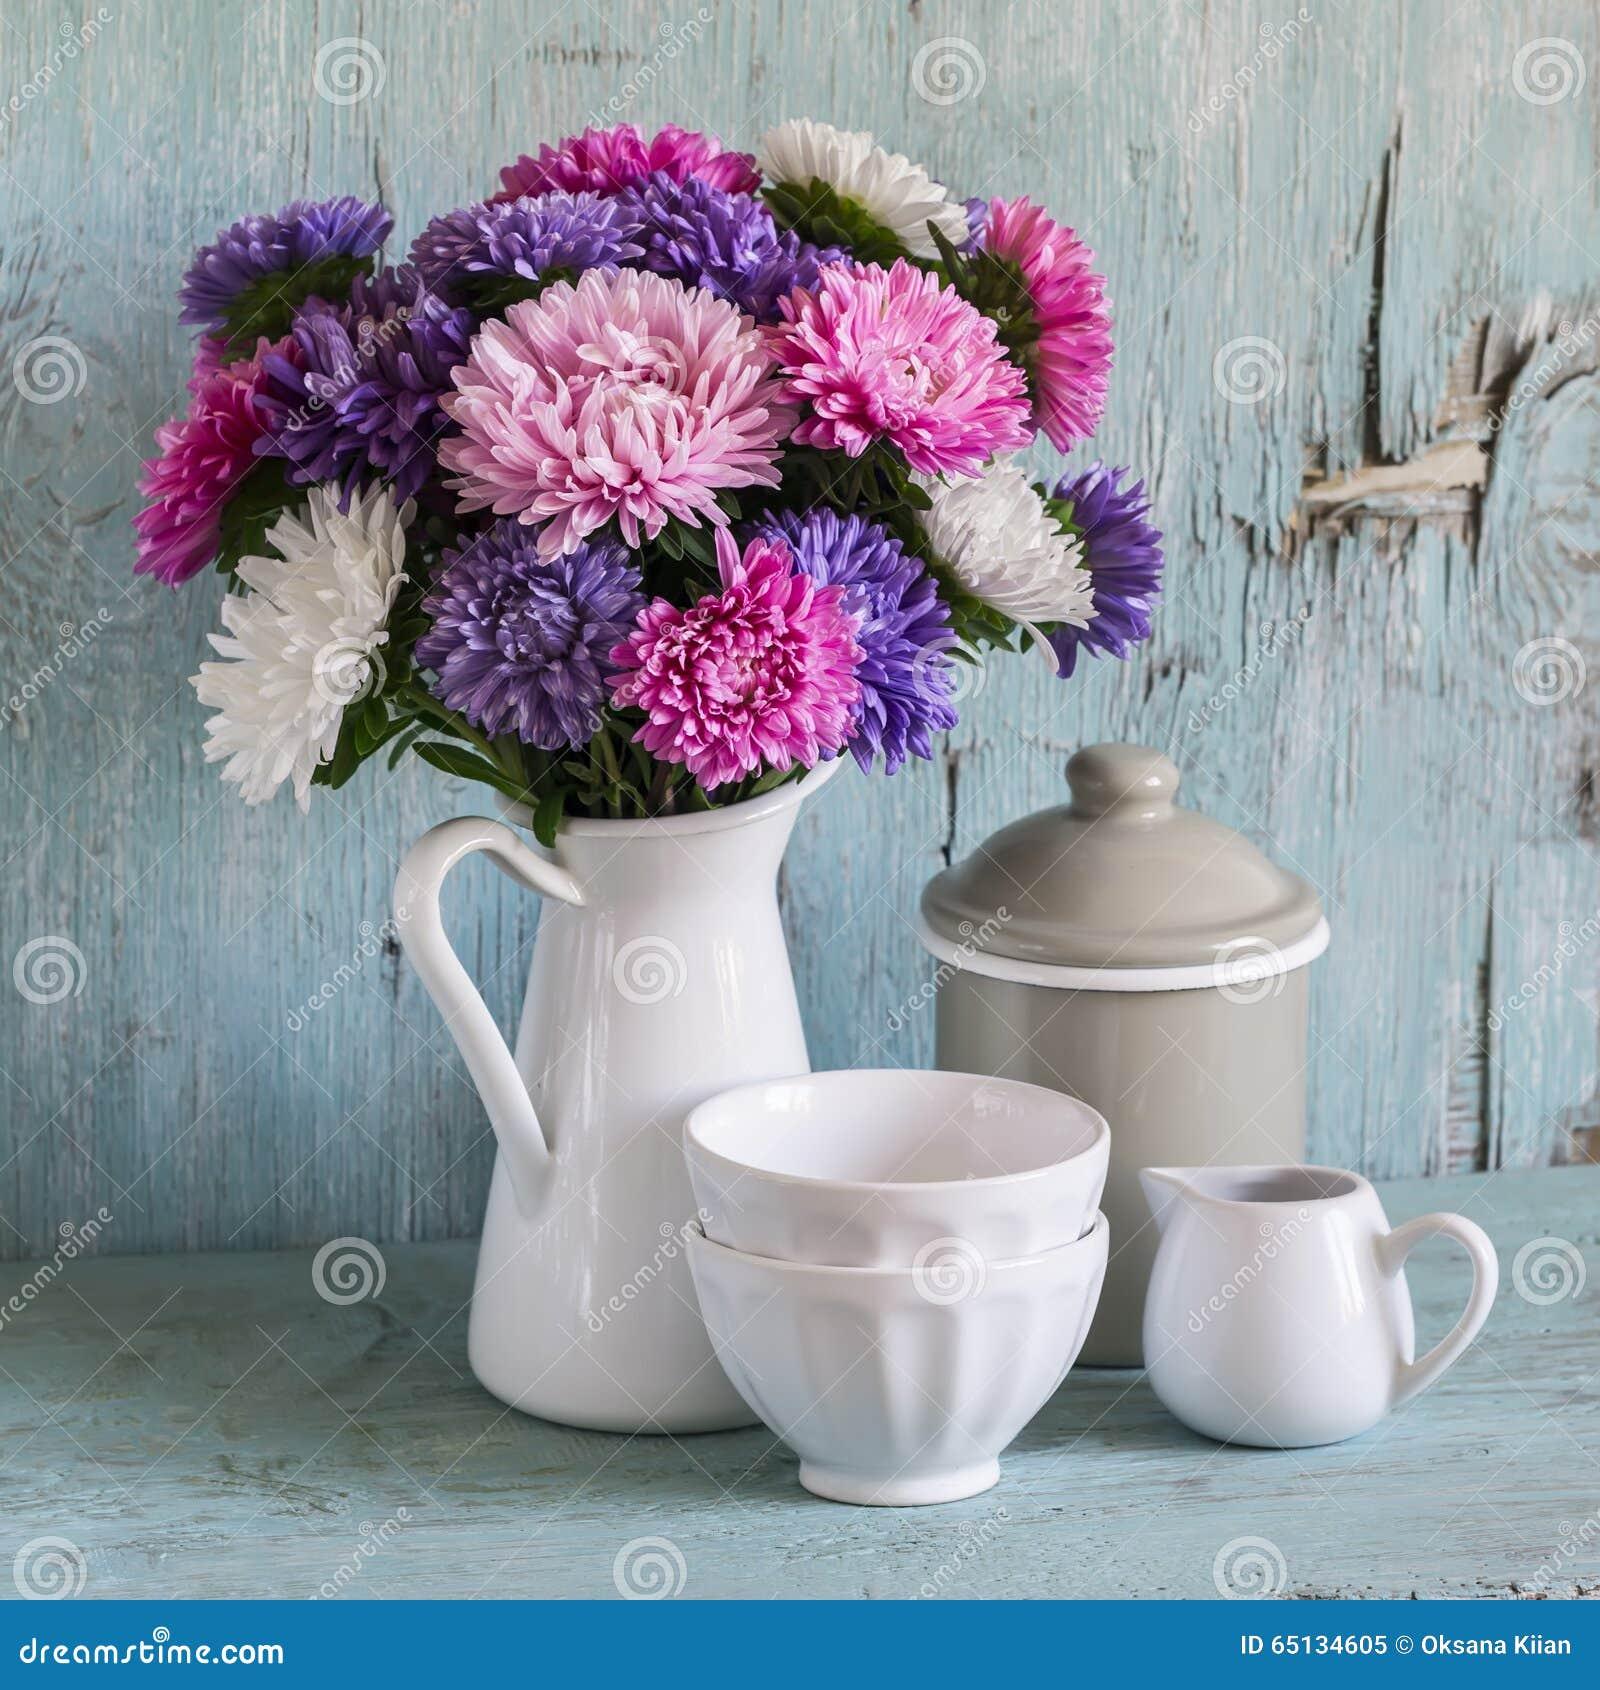 Los asteres de las flores en un blanco esmaltaron la jarra y la loza del vintage - cuenco de cerámica y tarro esmaltado, en un fo